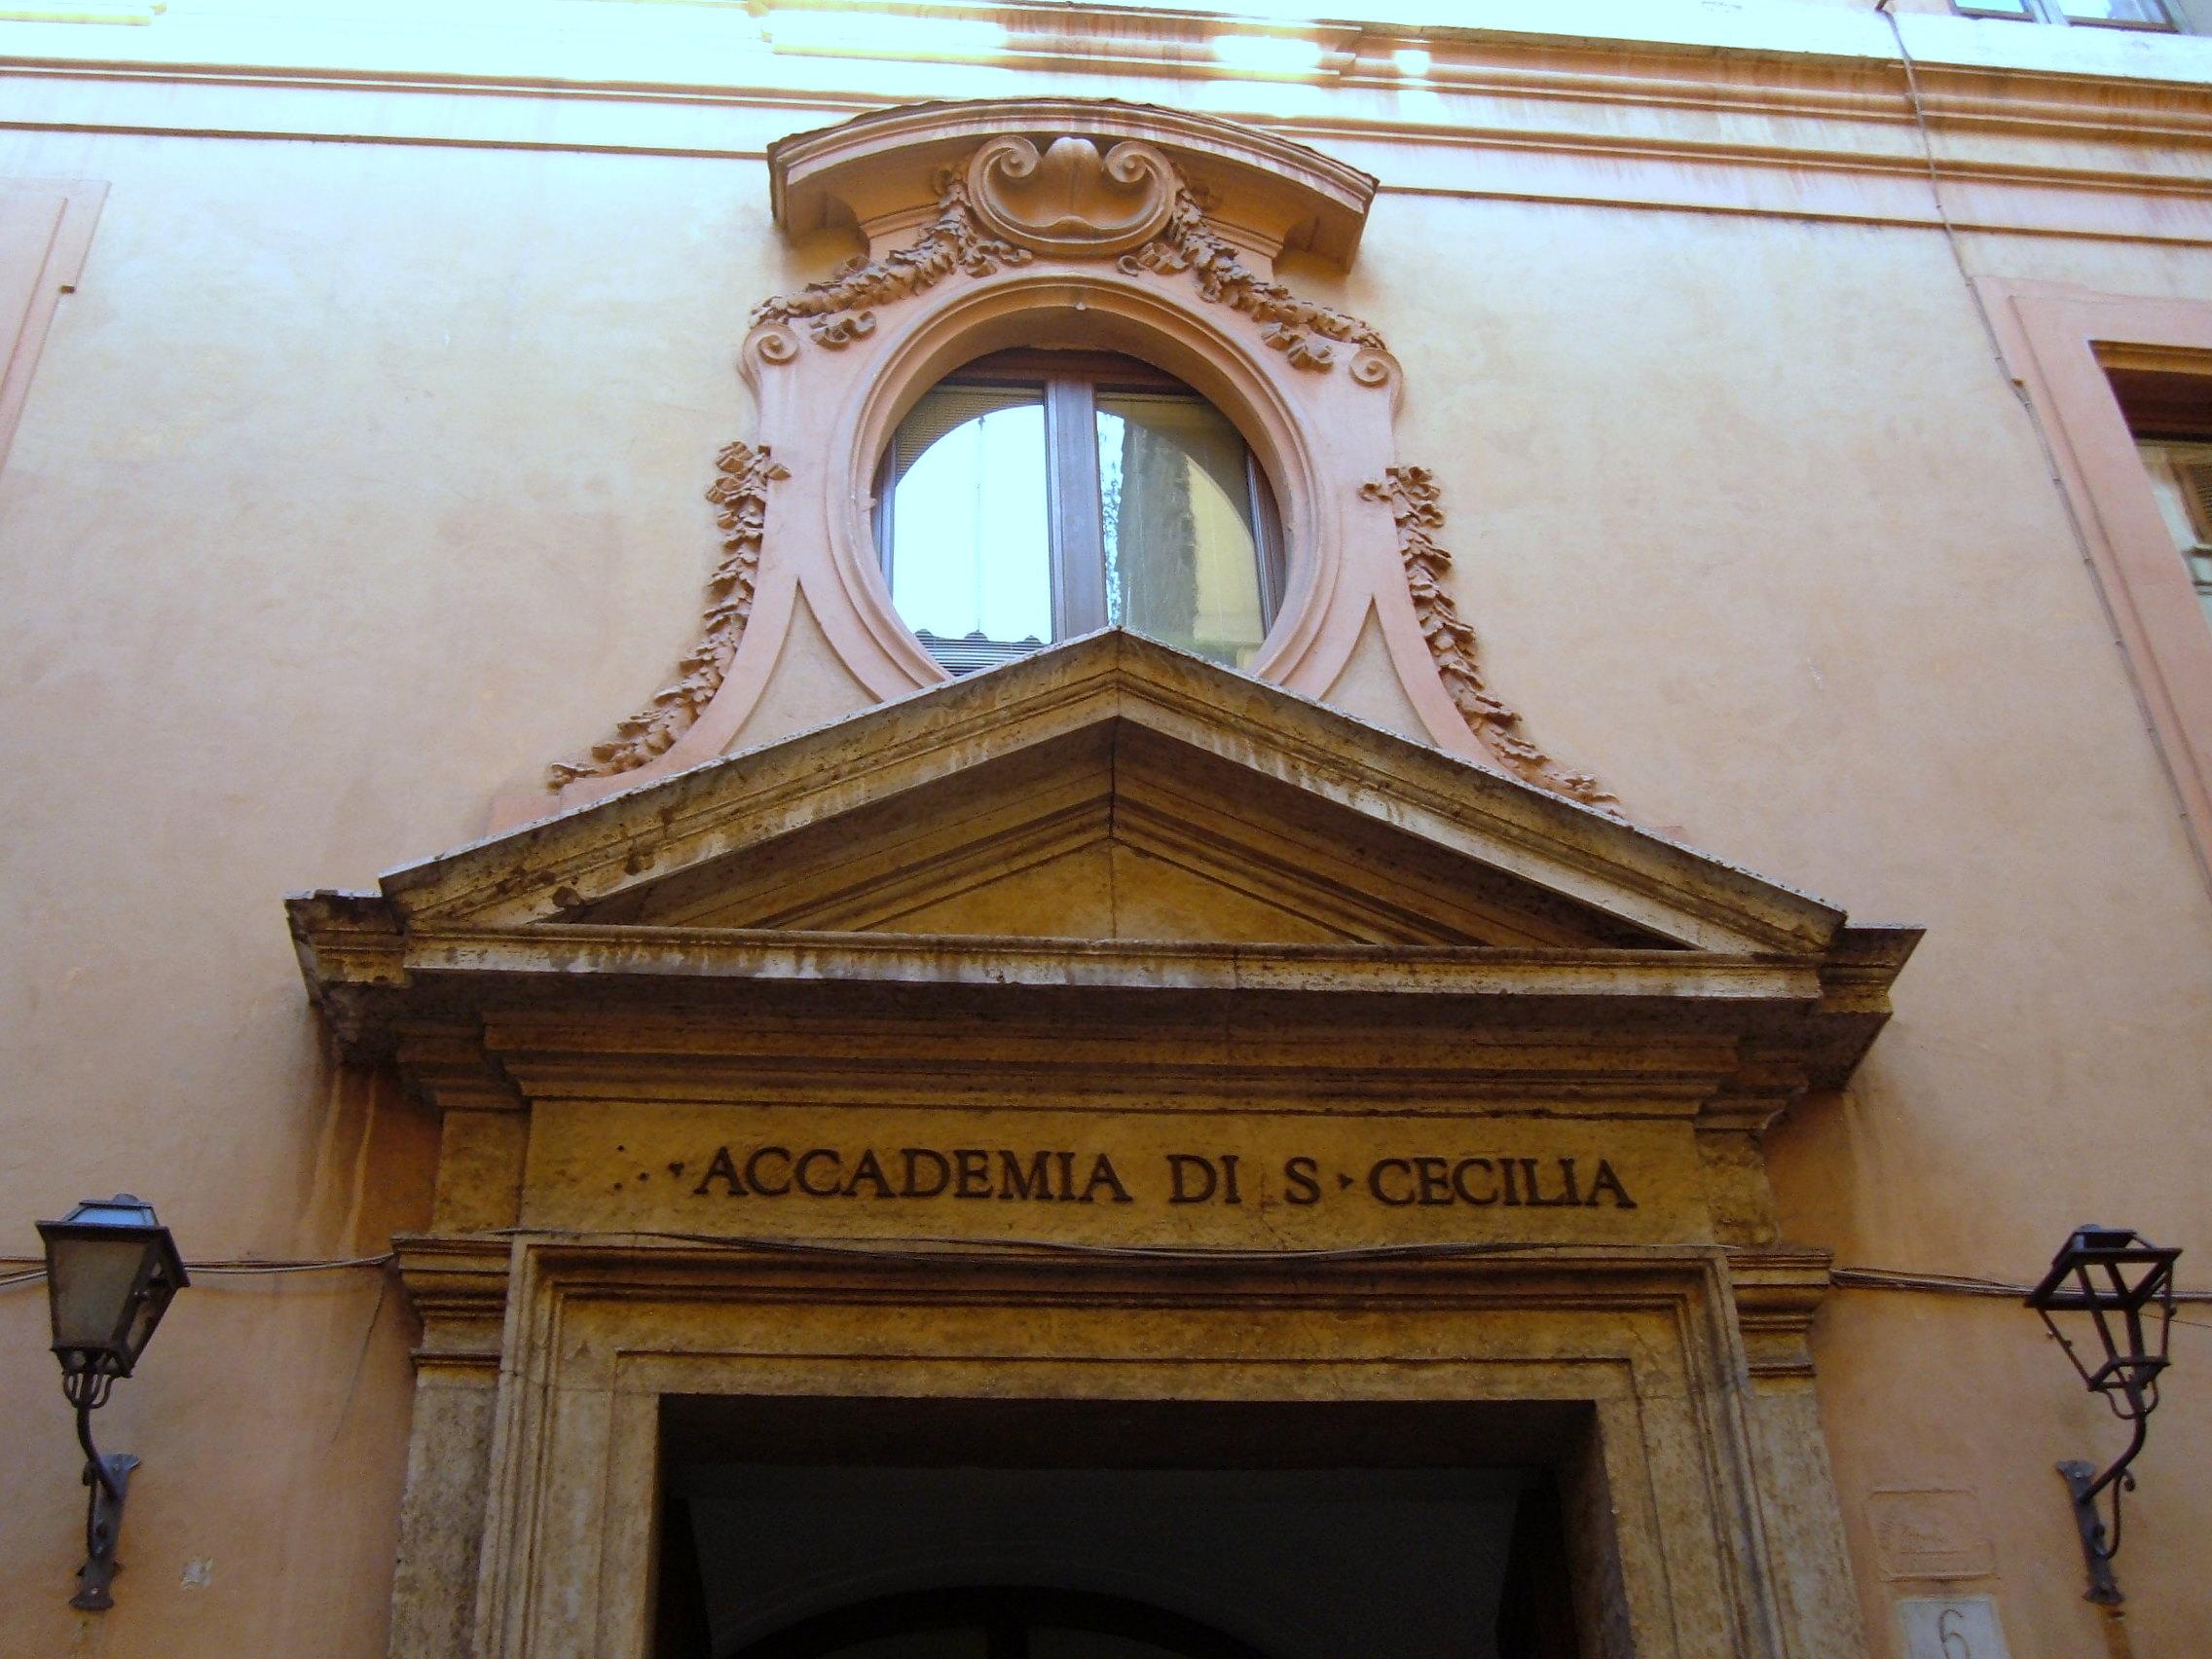 Accademia di Santa Cecilia, a Roma